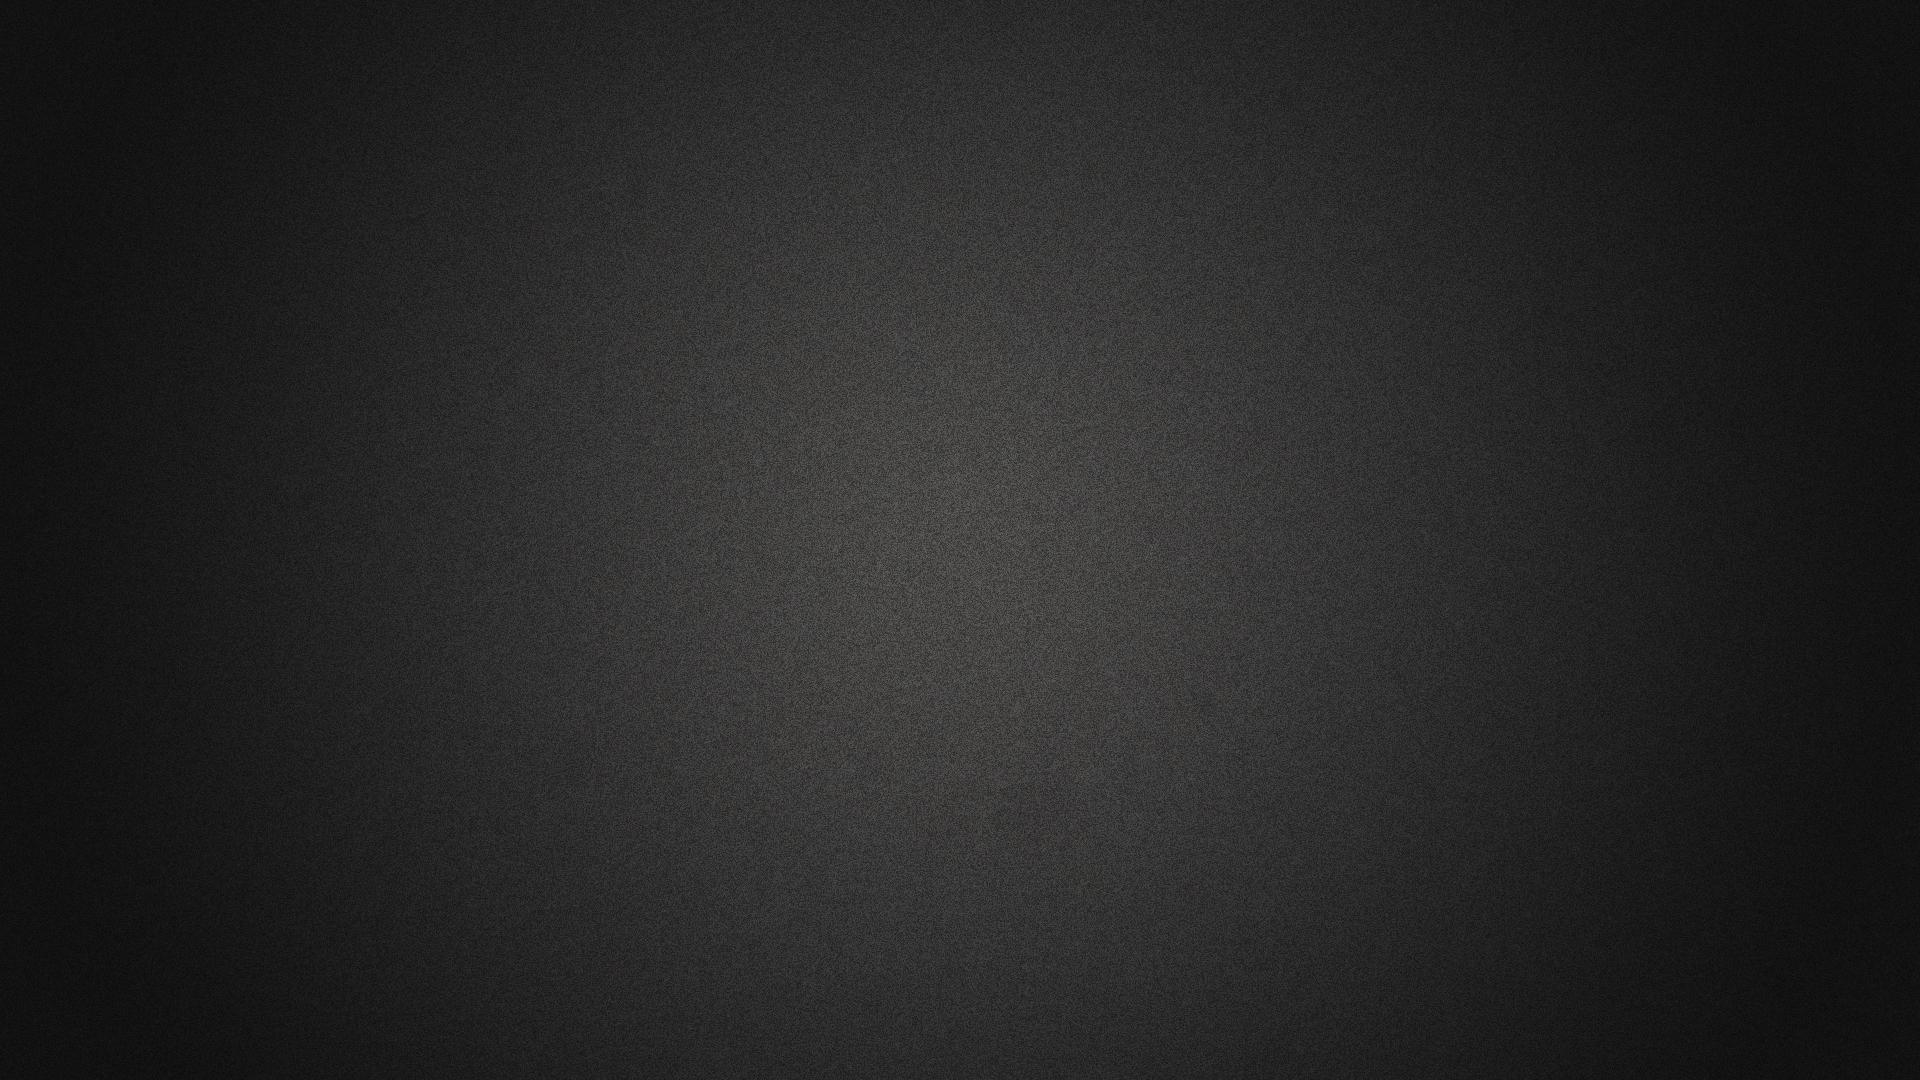 Free Matte Black Wallpaper